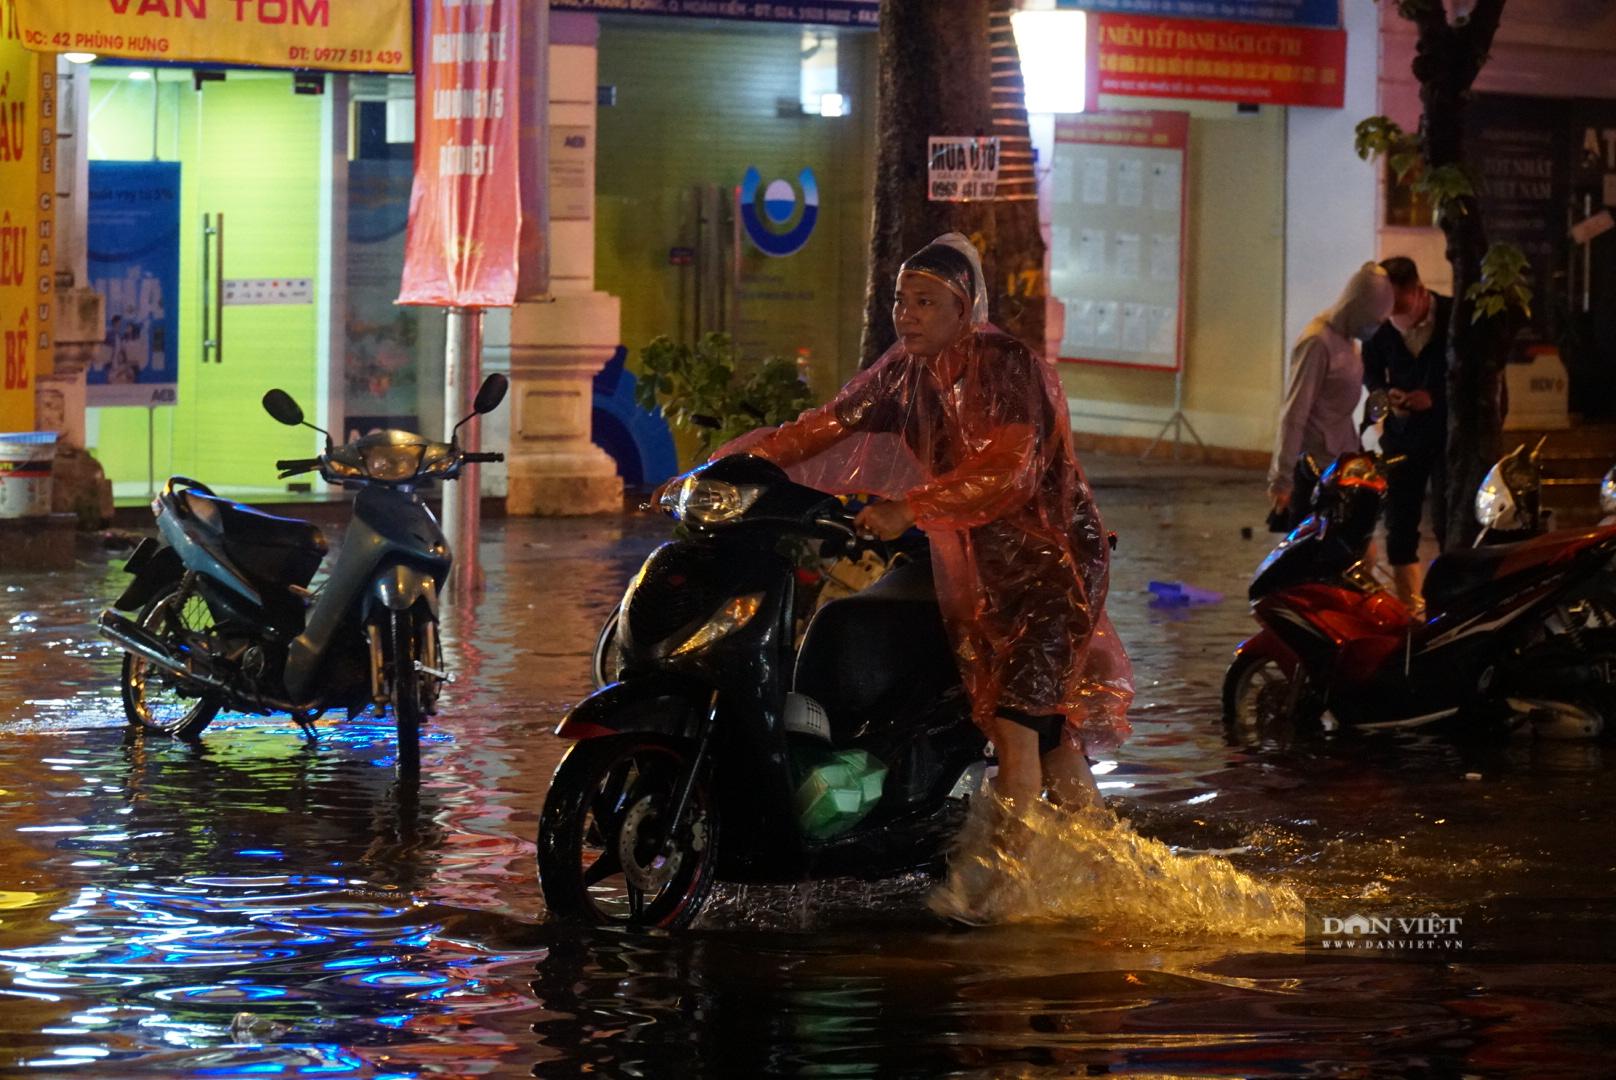 Hà Nội: Lau bugi xe sau cơn mưa lớn kiếm bộn tiền - Ảnh 2.